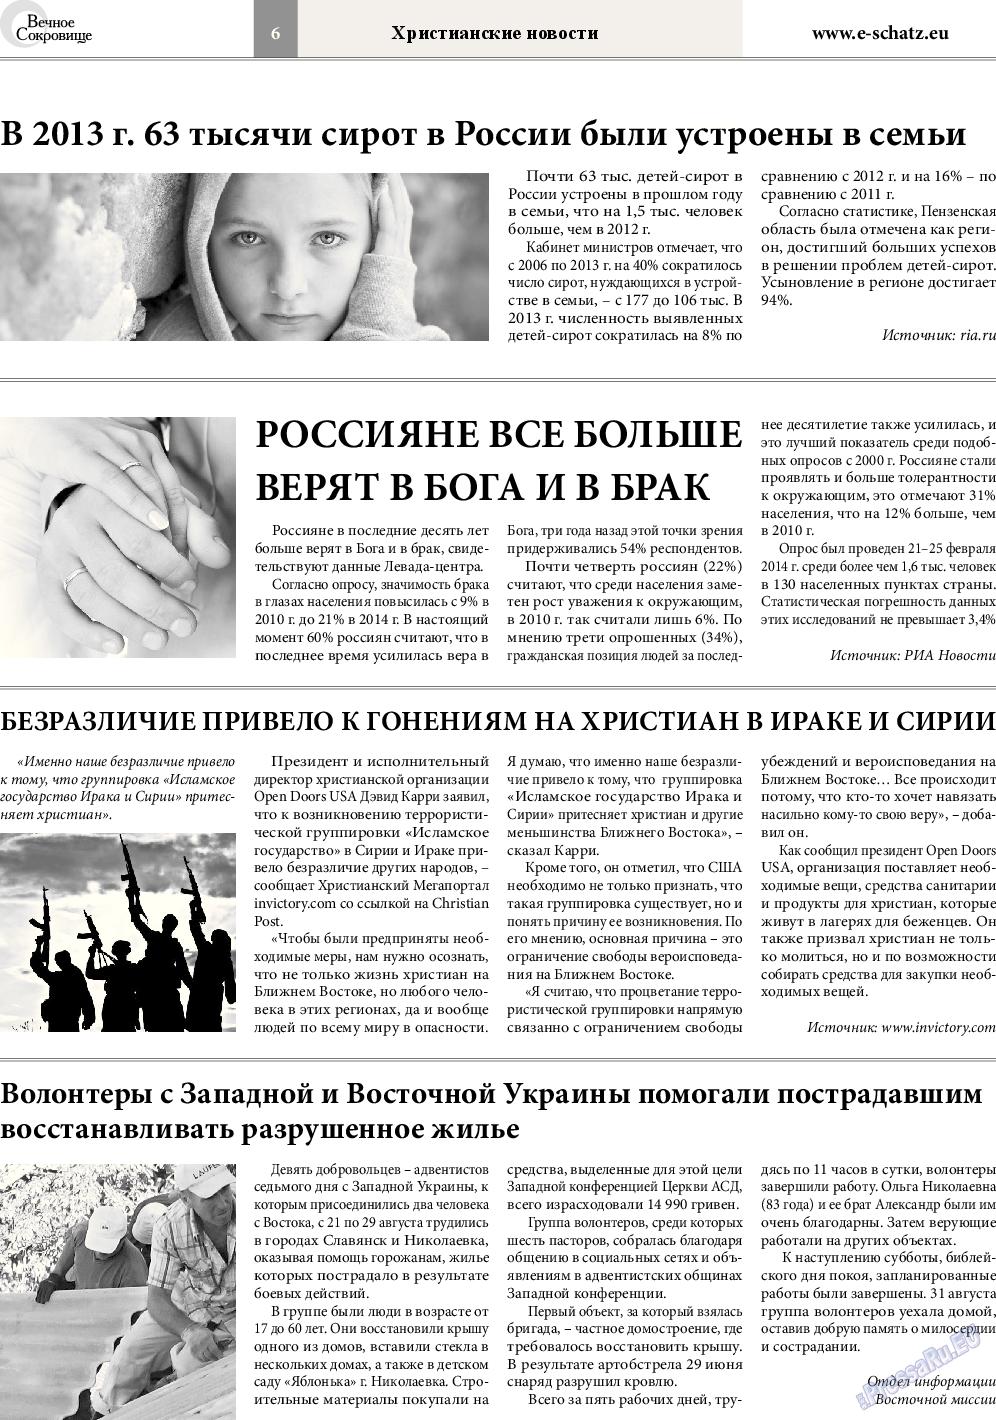 Вечное сокровище (газета). 2014 год, номер 5, стр. 6